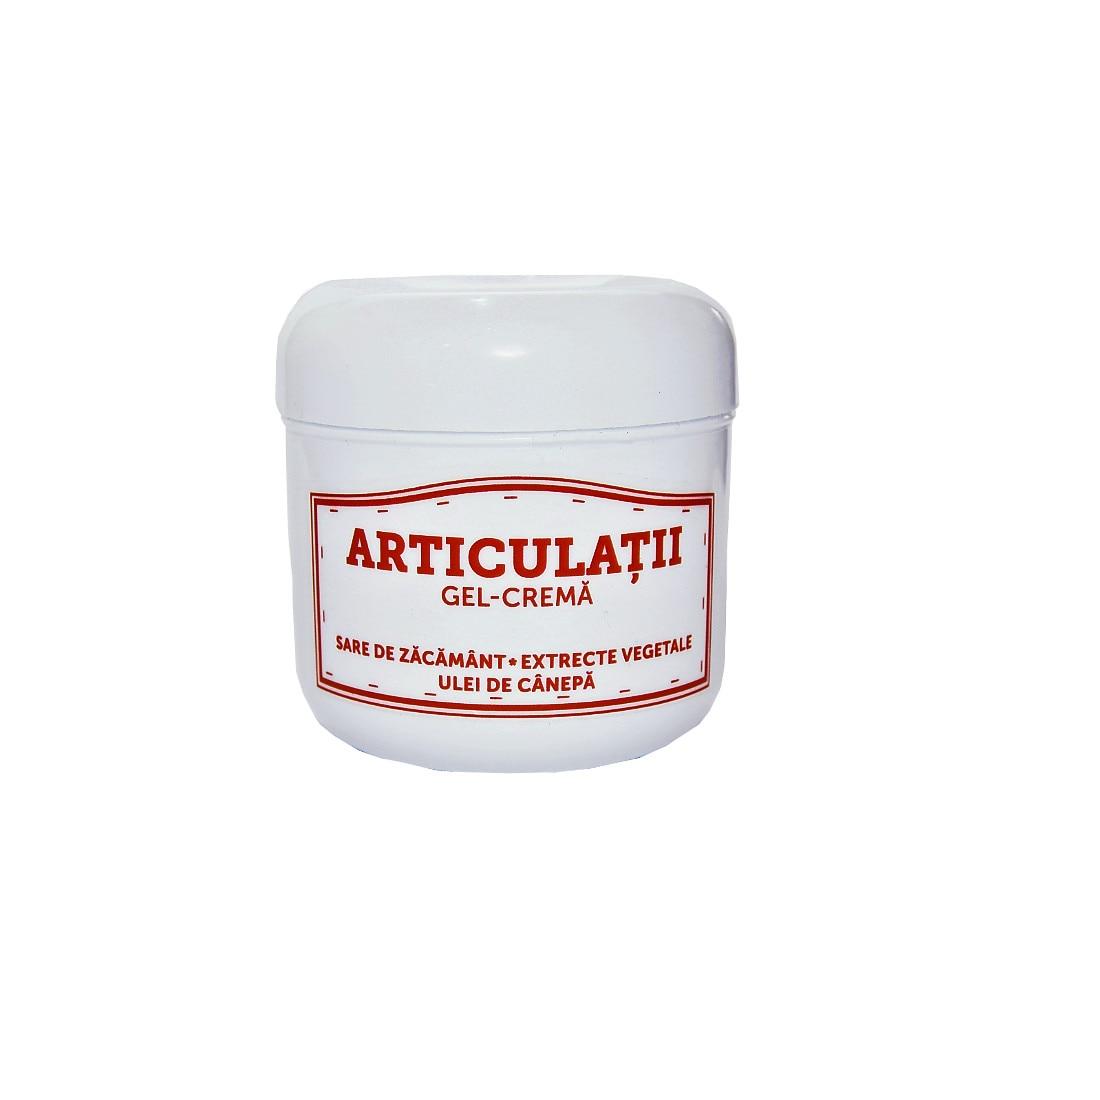 Cremă pentru dureri articulare, 75 ml, Dacoderm : BebeTei